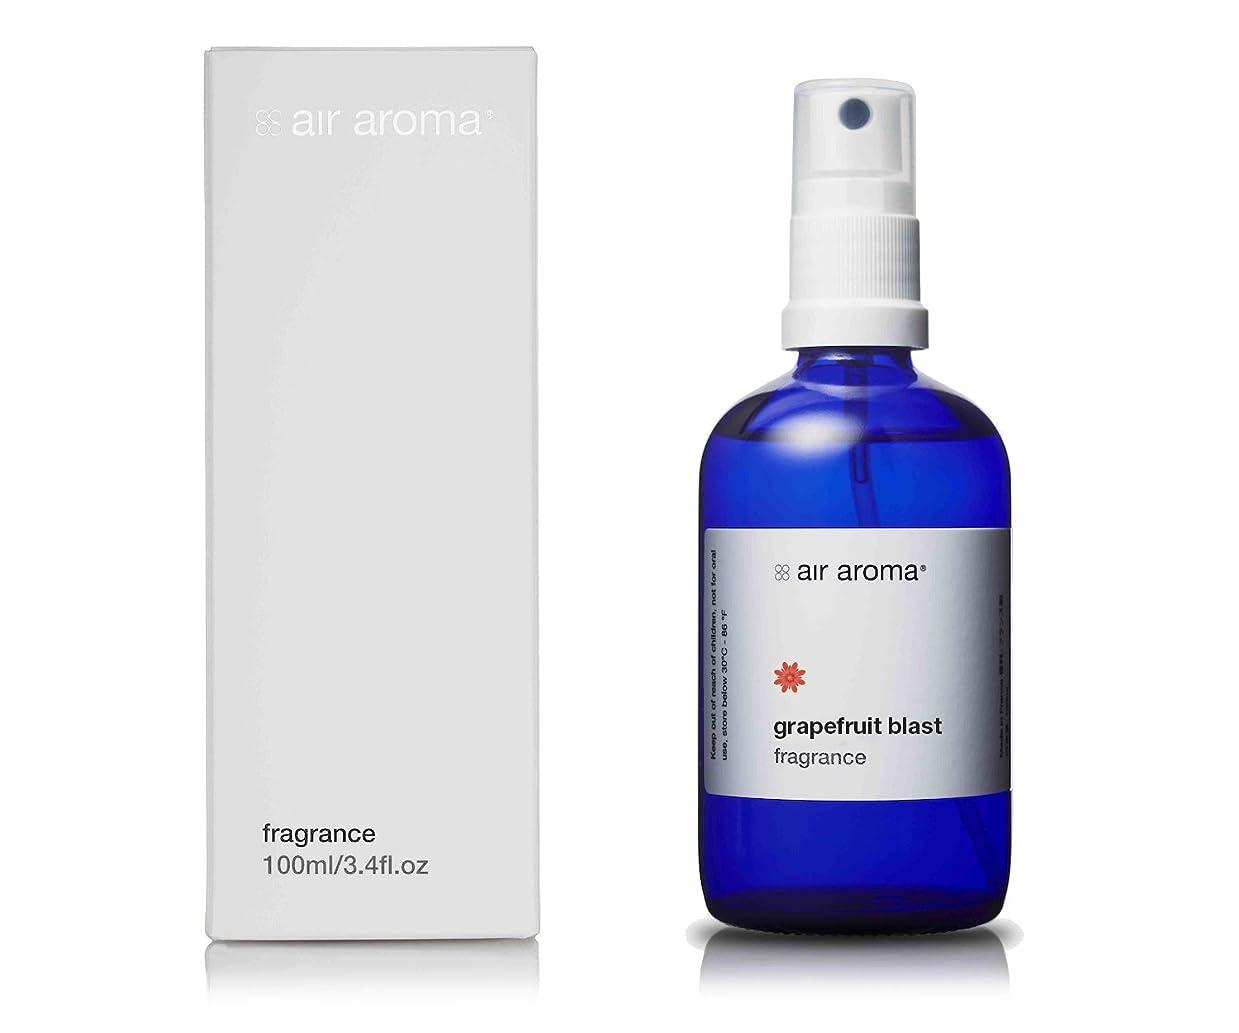 申し込むサーキットに行く湿原エアアロマ grapefruit blast room fragrance(グレープフルーツブラストルームフレグランス)100ml